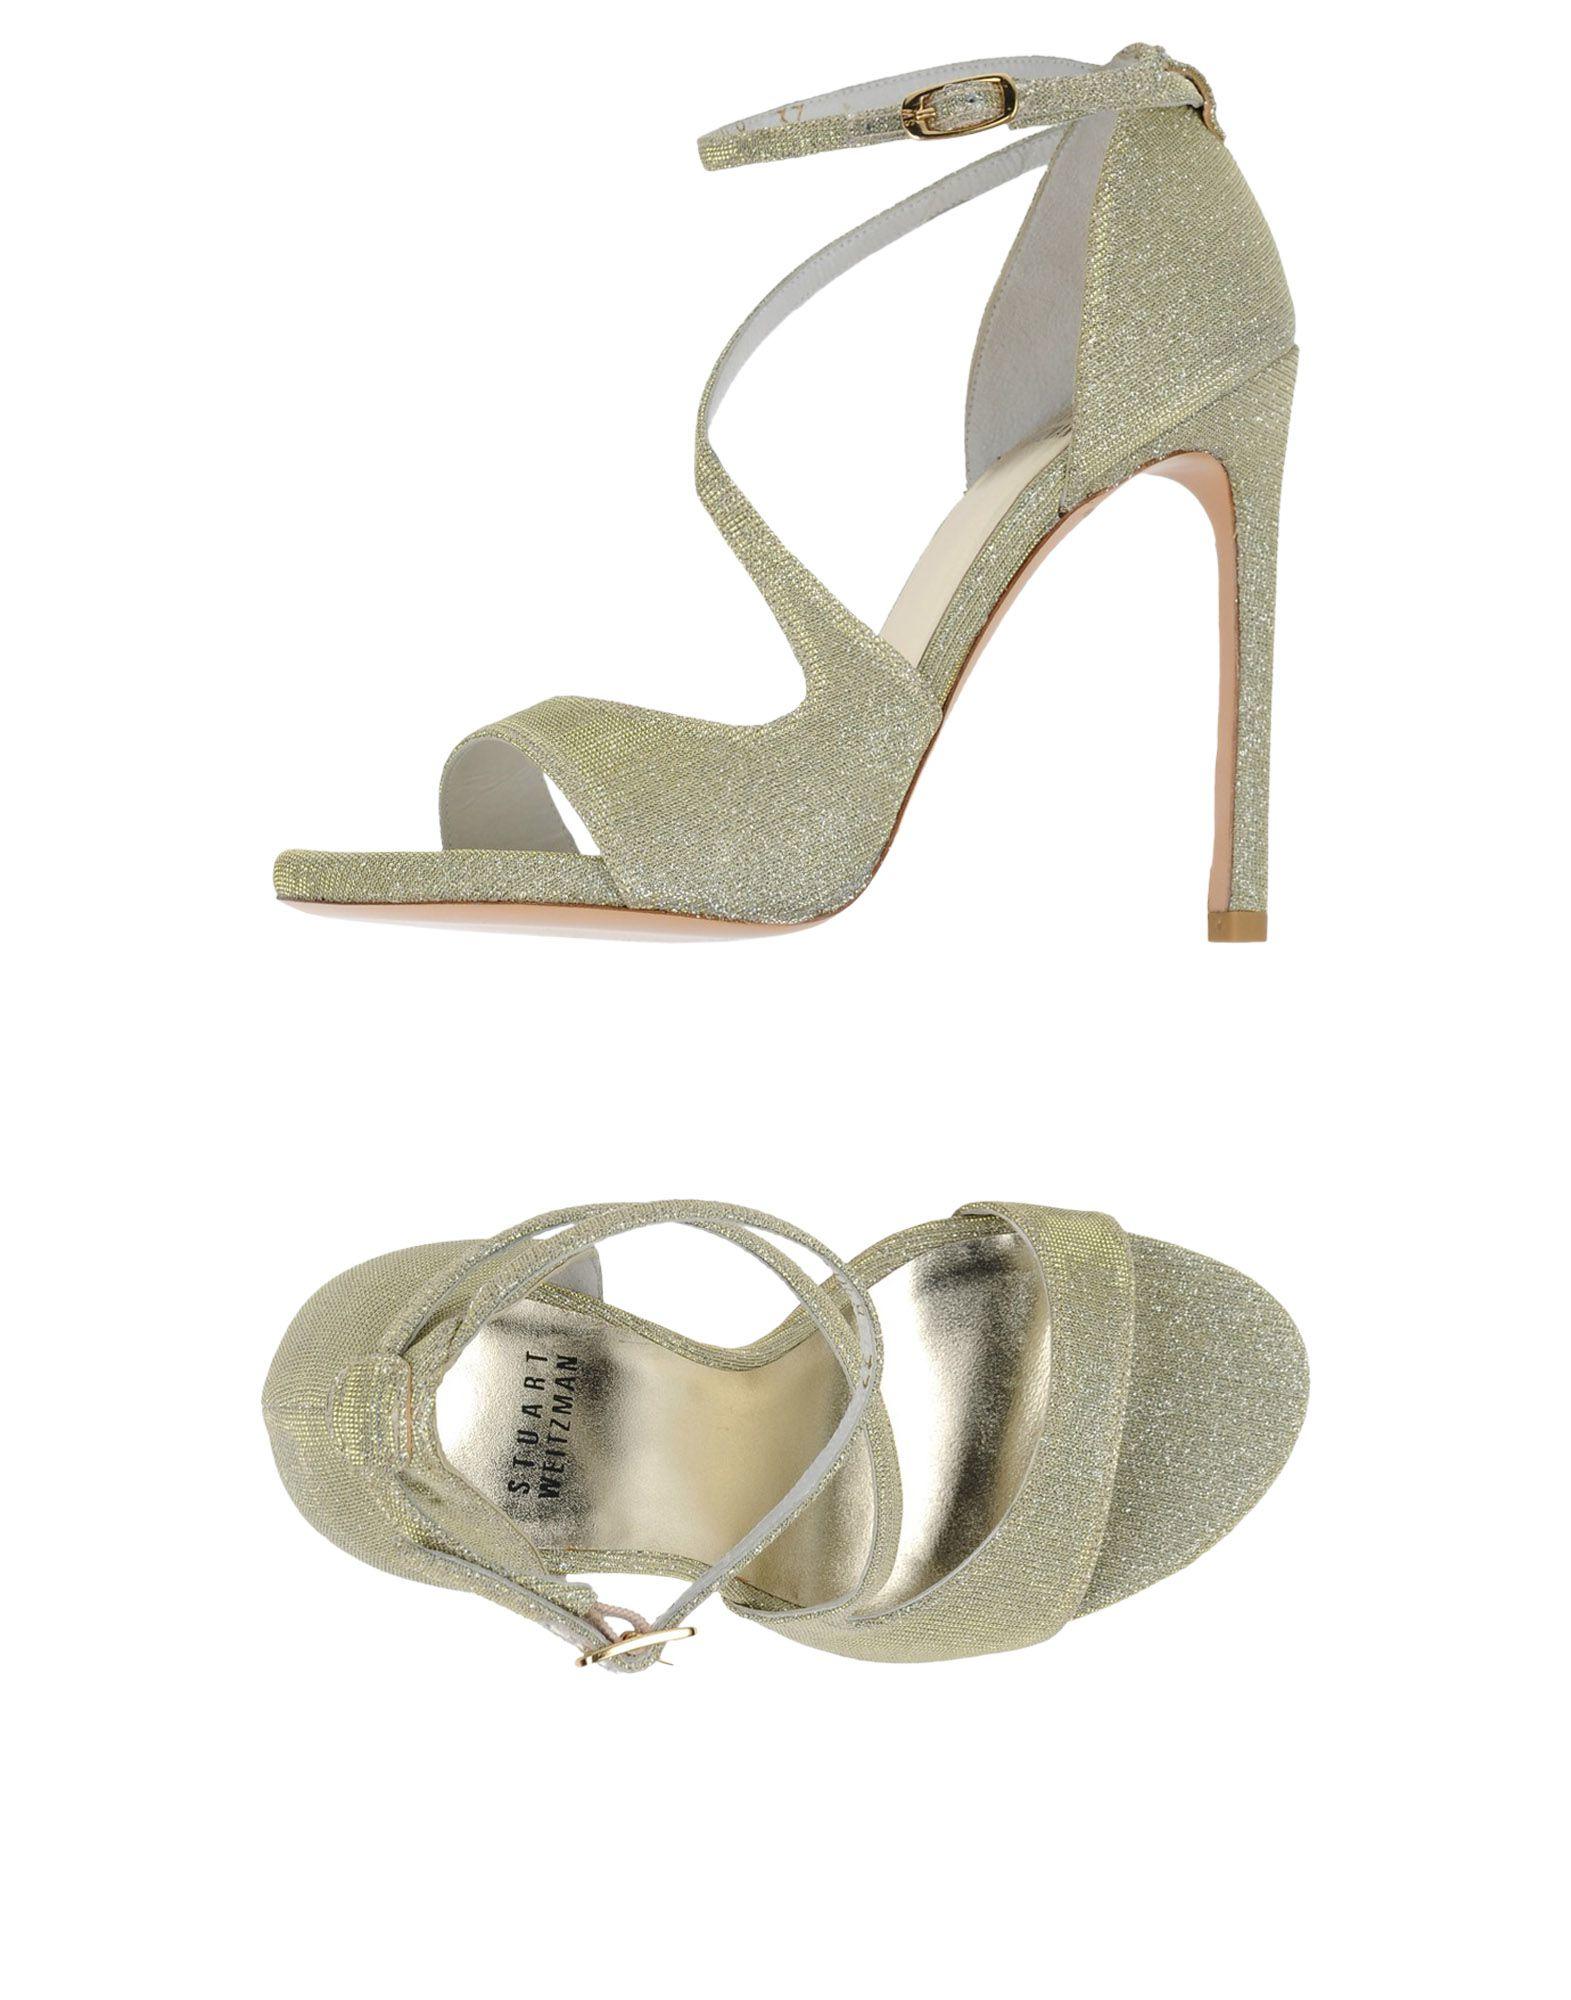 Stuart weitzman Sandals in Gray